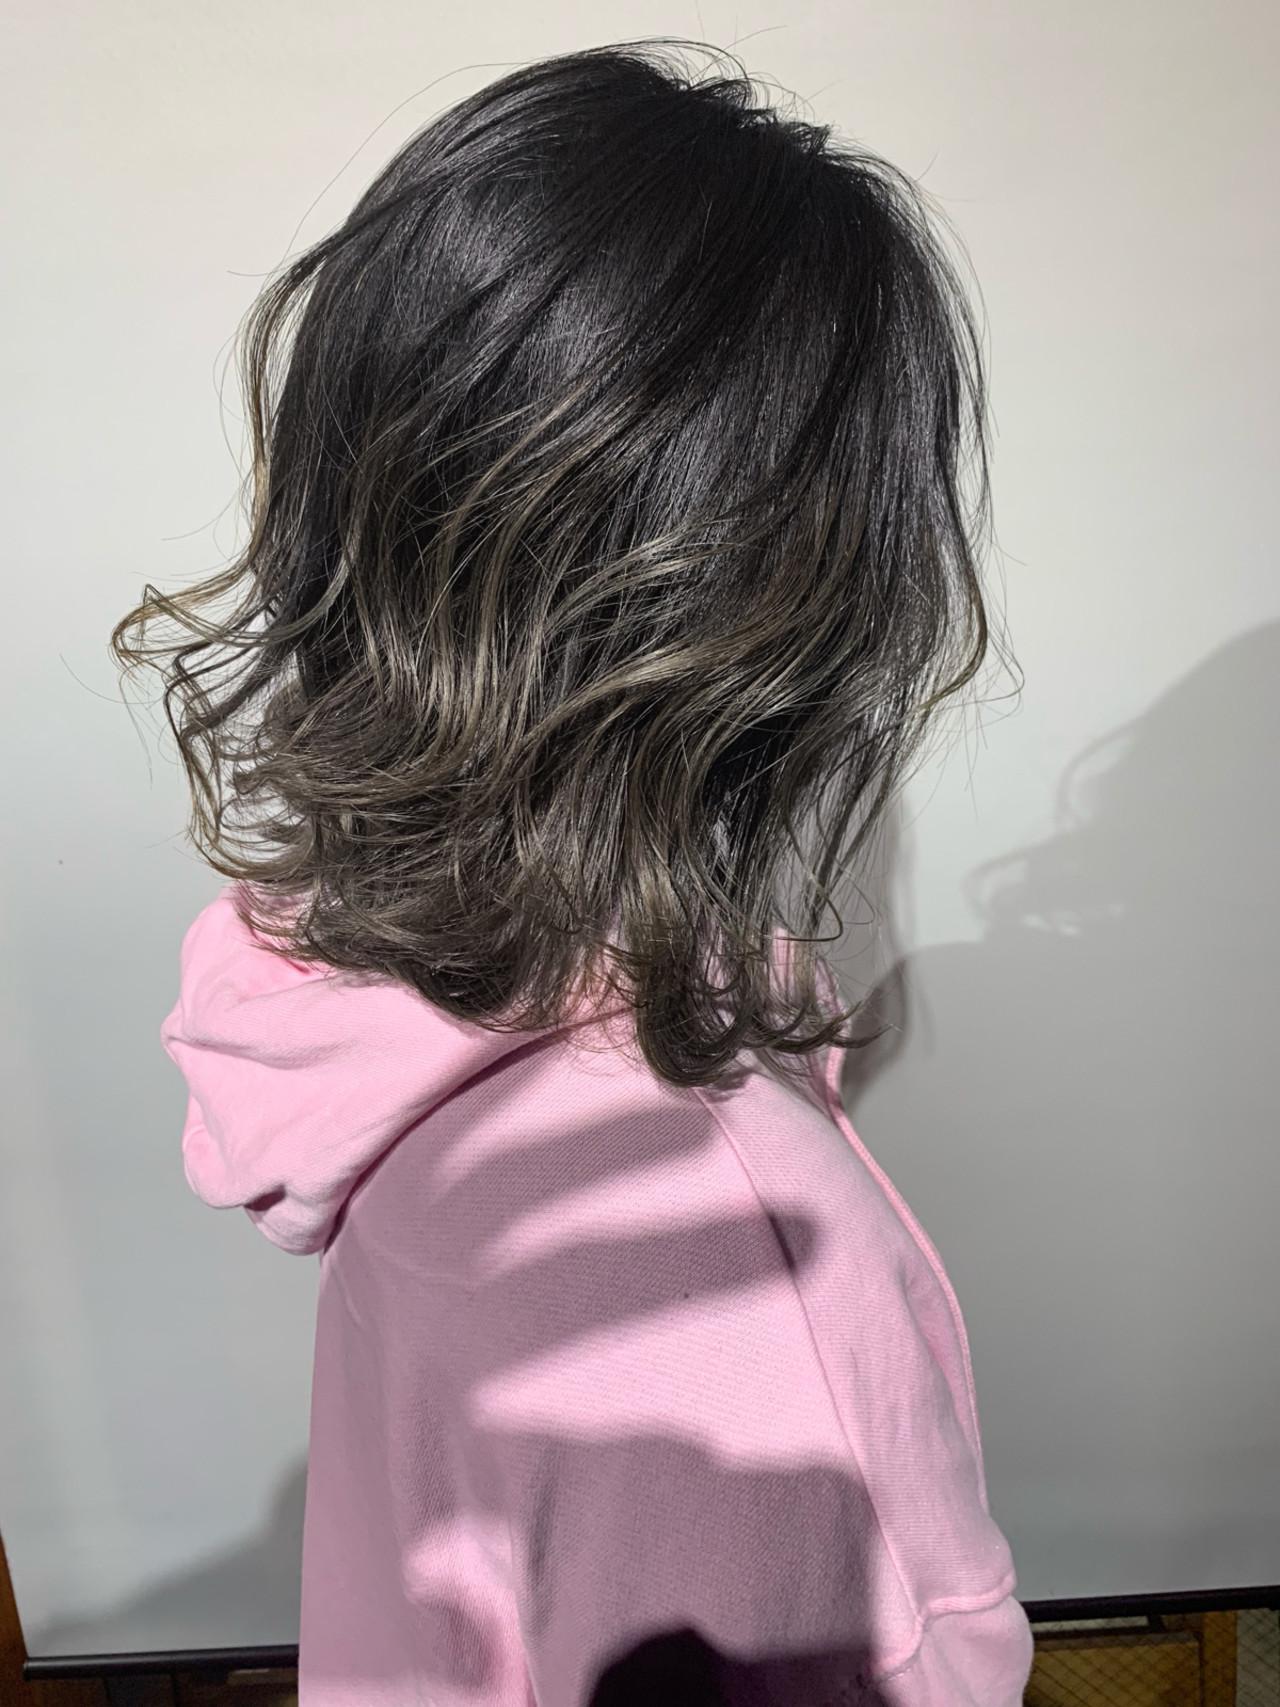 アッシュグレージュ 簡単ヘアアレンジ ヘアアレンジ ボブ ヘアスタイルや髪型の写真・画像